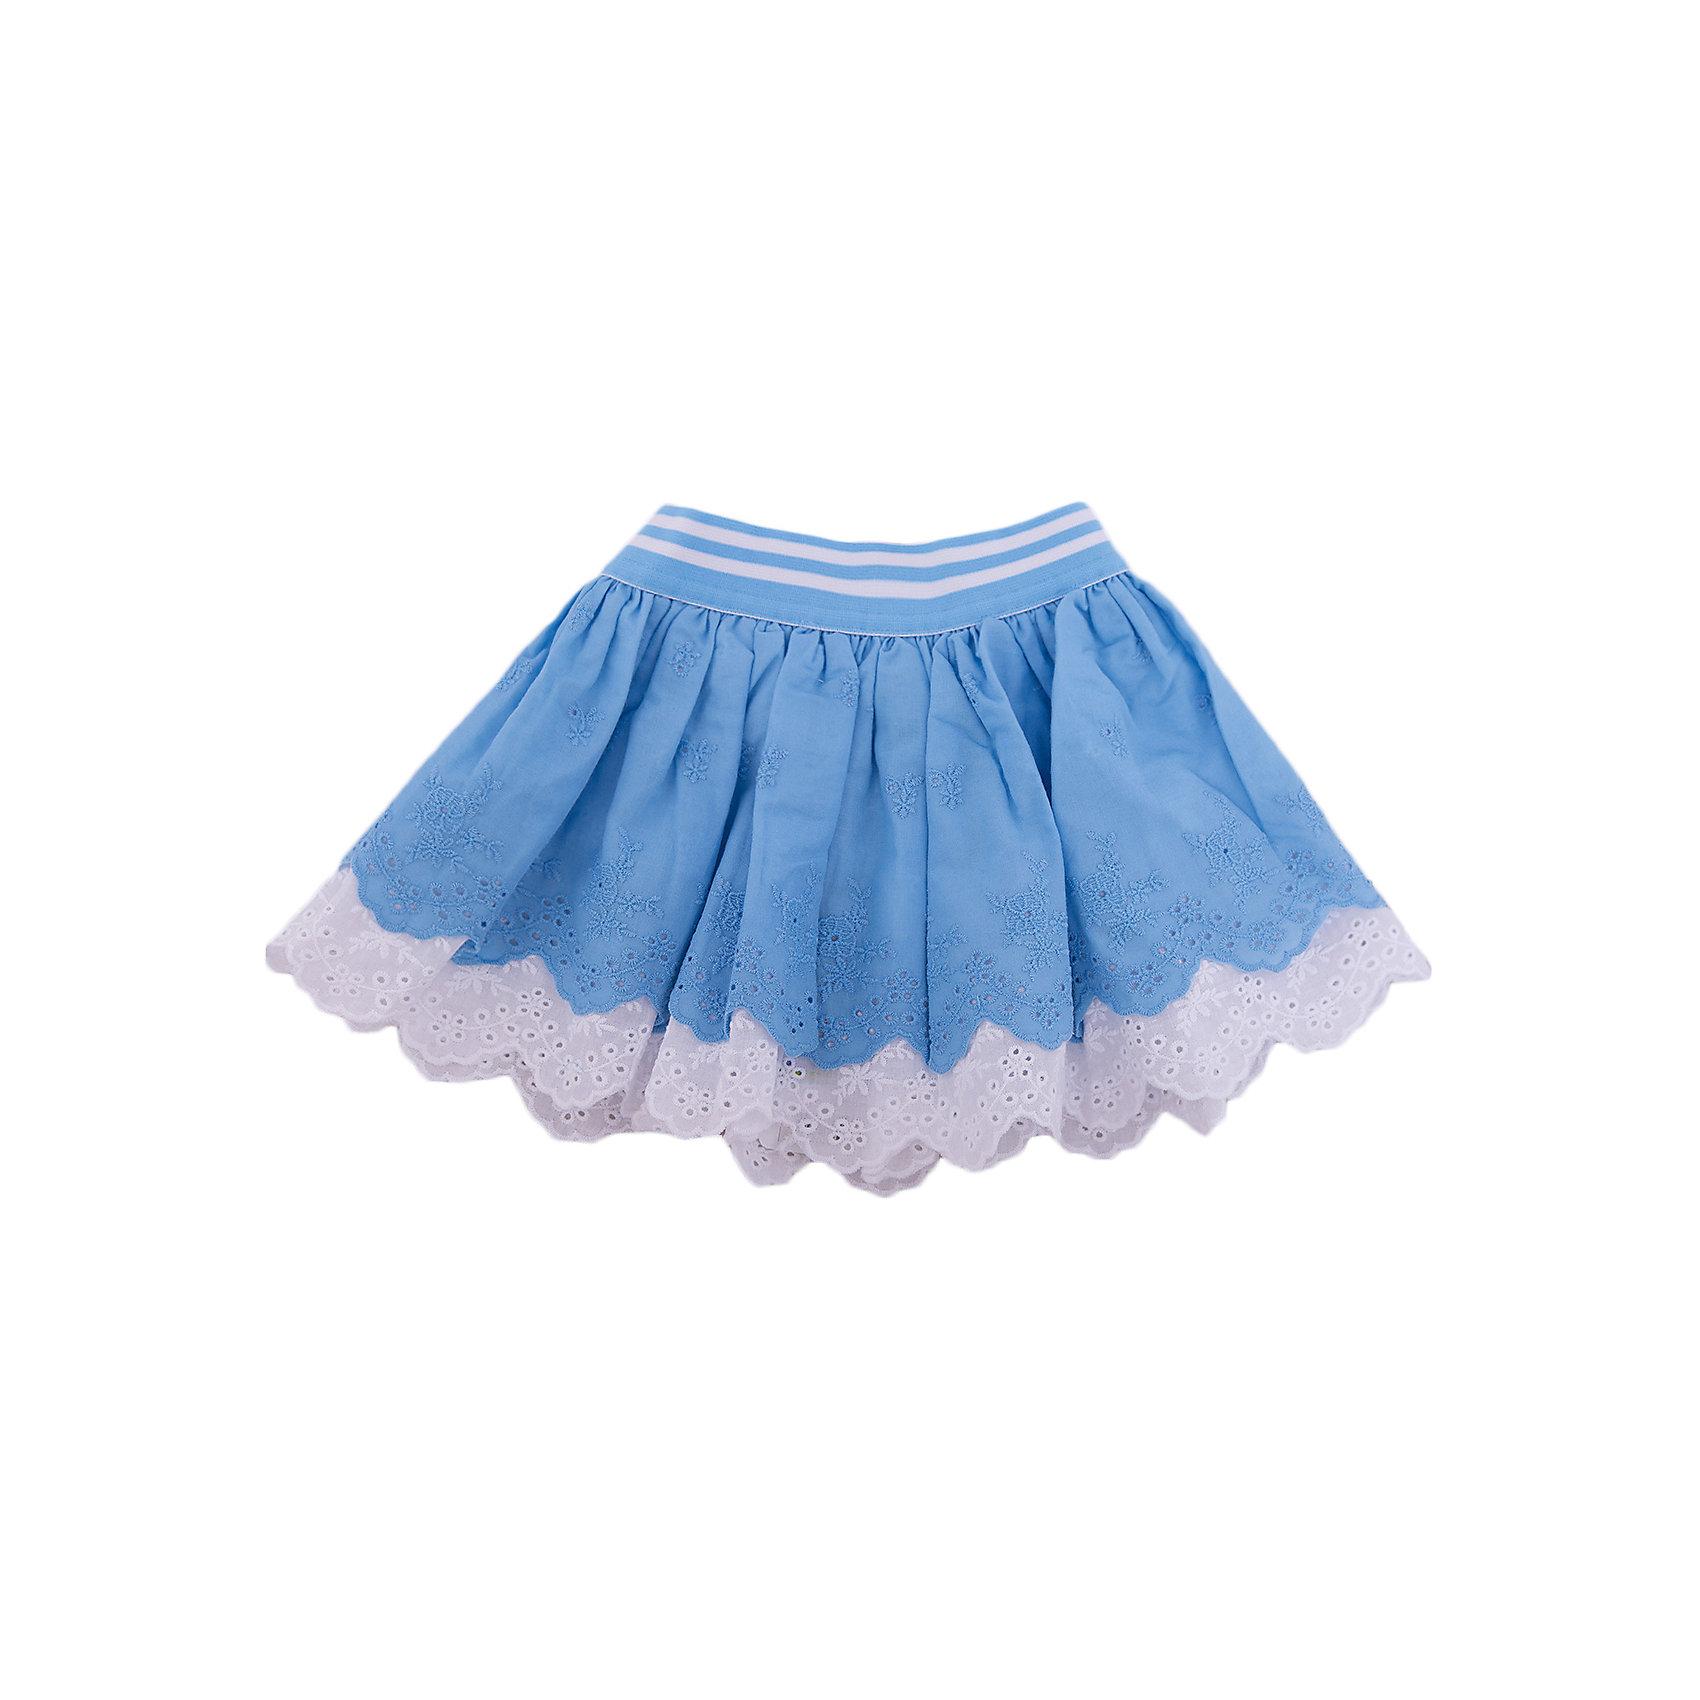 Юбка для девочки PlayTodayЮбки<br>Юбка для девочки PlayToday<br>Эффектная пышная юбка с подъюбником сможет быть одной из базовых вещей летнего детского гардероба. Модель на мягкой резинке, декорирована шитьем.<br>Состав:<br>100% хлопок<br><br>Ширина мм: 207<br>Глубина мм: 10<br>Высота мм: 189<br>Вес г: 183<br>Цвет: разноцветный<br>Возраст от месяцев: 18<br>Возраст до месяцев: 24<br>Пол: Женский<br>Возраст: Детский<br>Размер: 92,74,80,86<br>SKU: 5408258